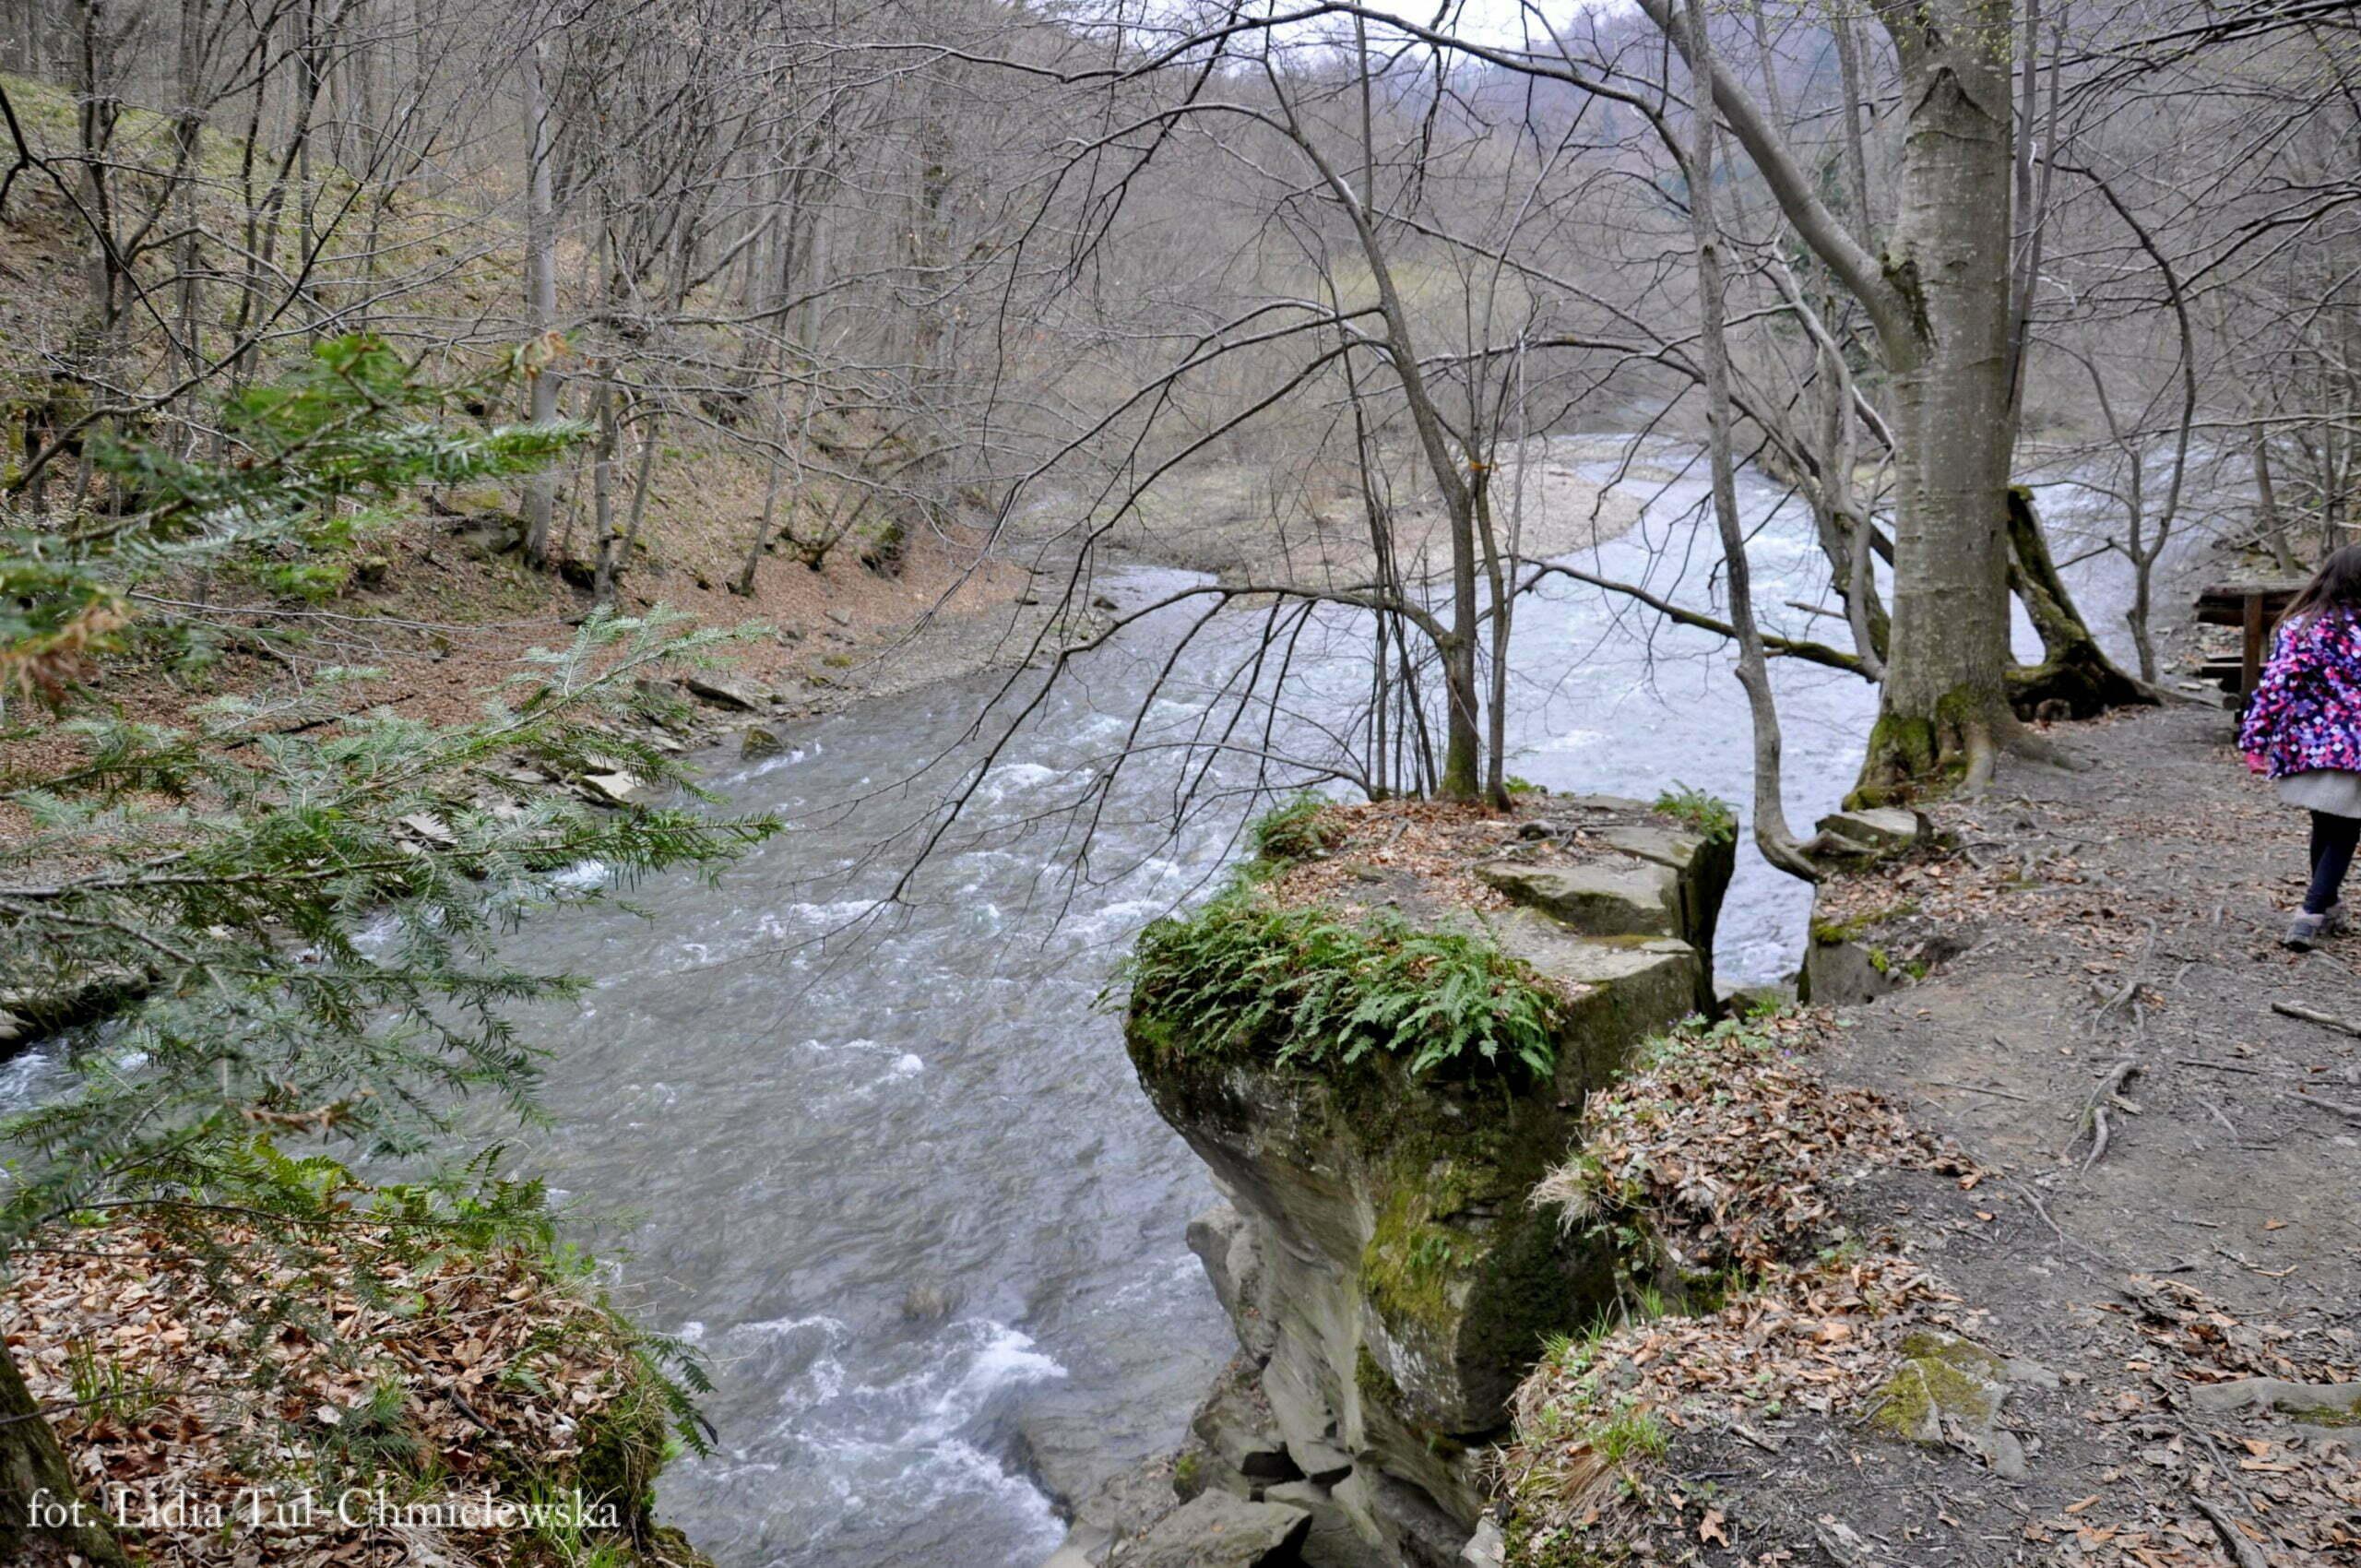 Rozpadliny skalne / fot. Lidia Tul-Chmielewska